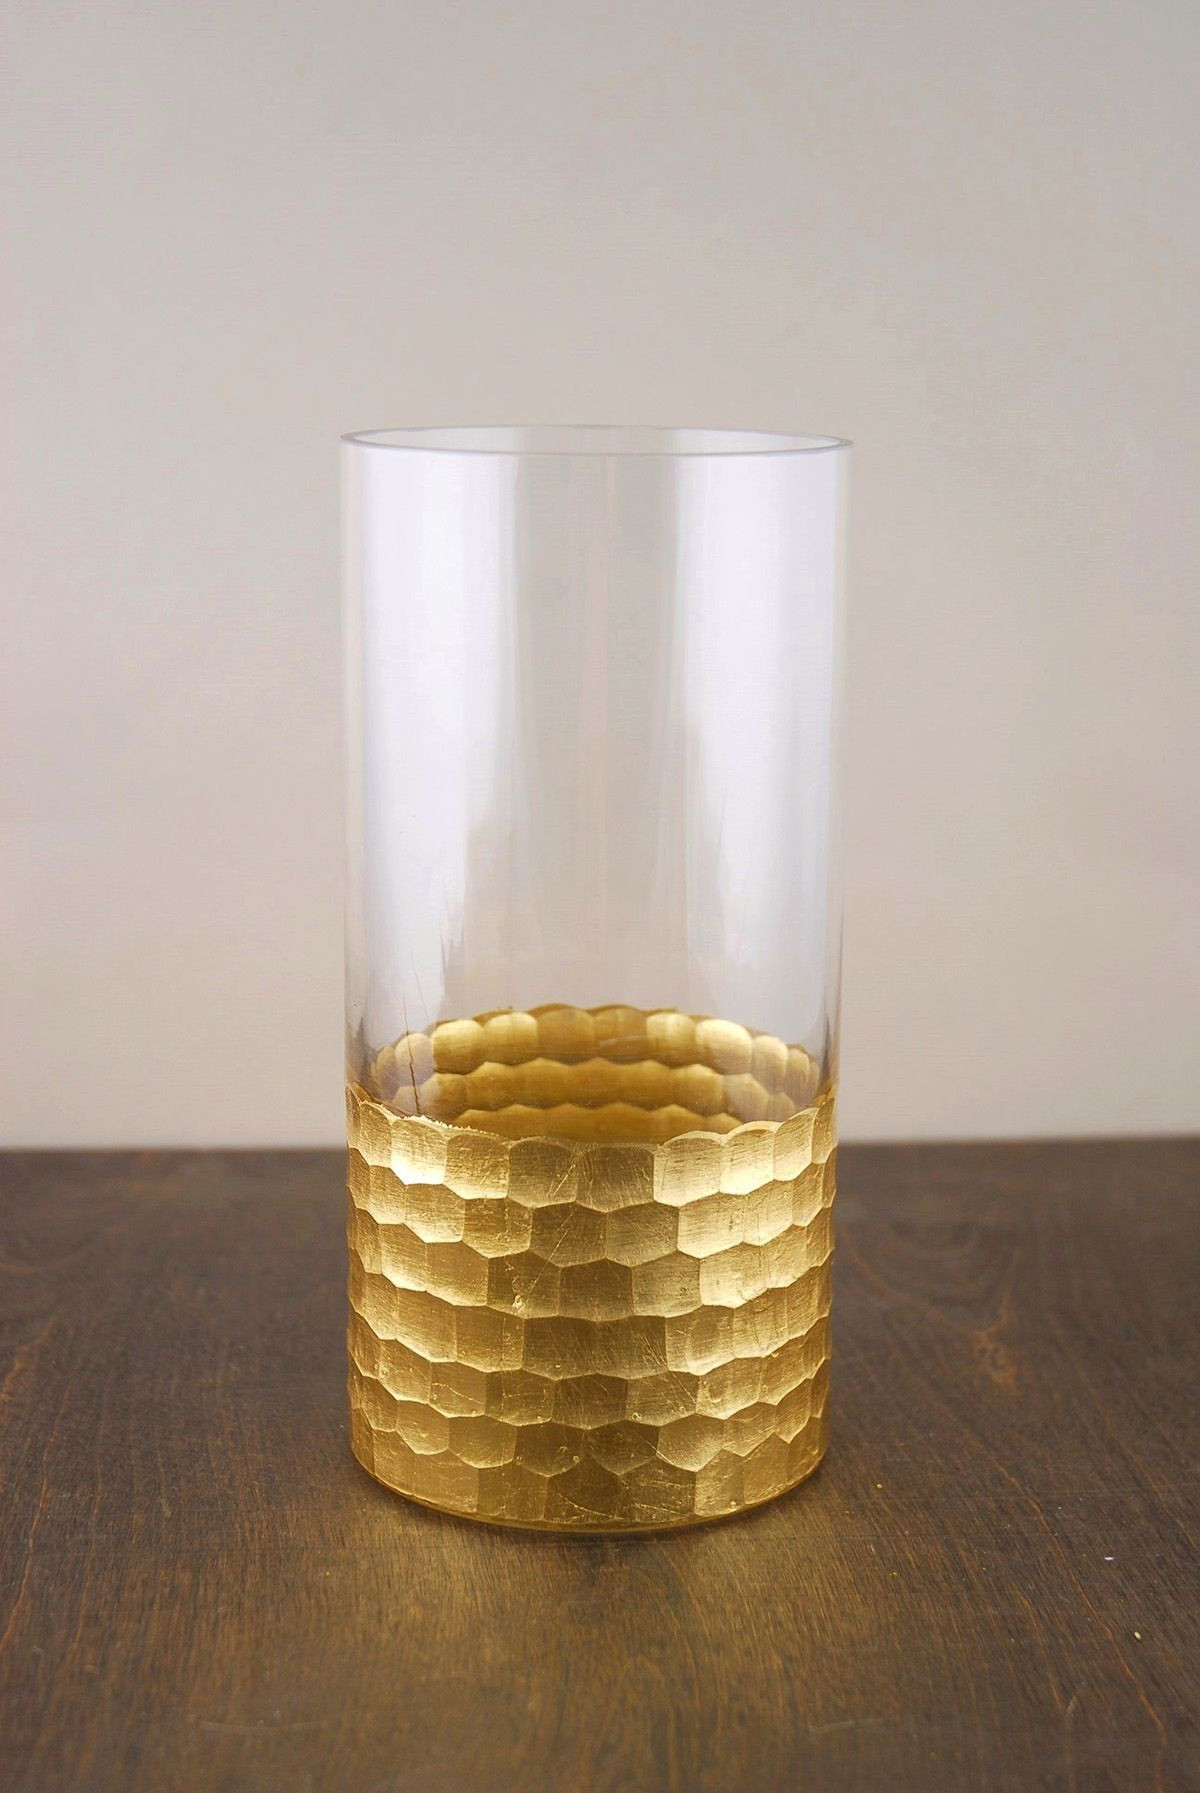 3 size cylinder vases of gold mercury glass vases inspirational gold cylinder vases intended for gold mercury glass vases inspirational gold cylinder vases collection silver and gold mercury glass mosaic